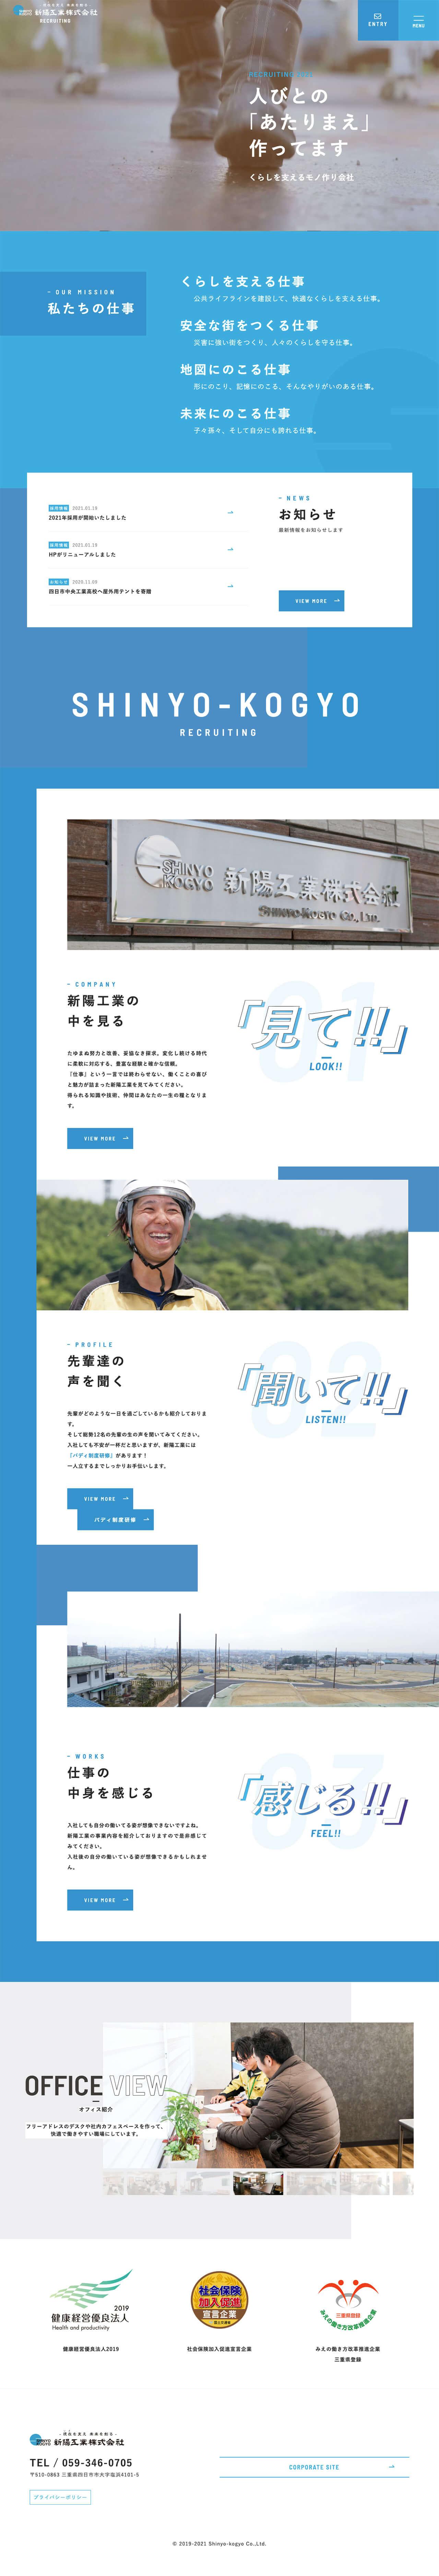 新陽工業株式会社リクルートサイト